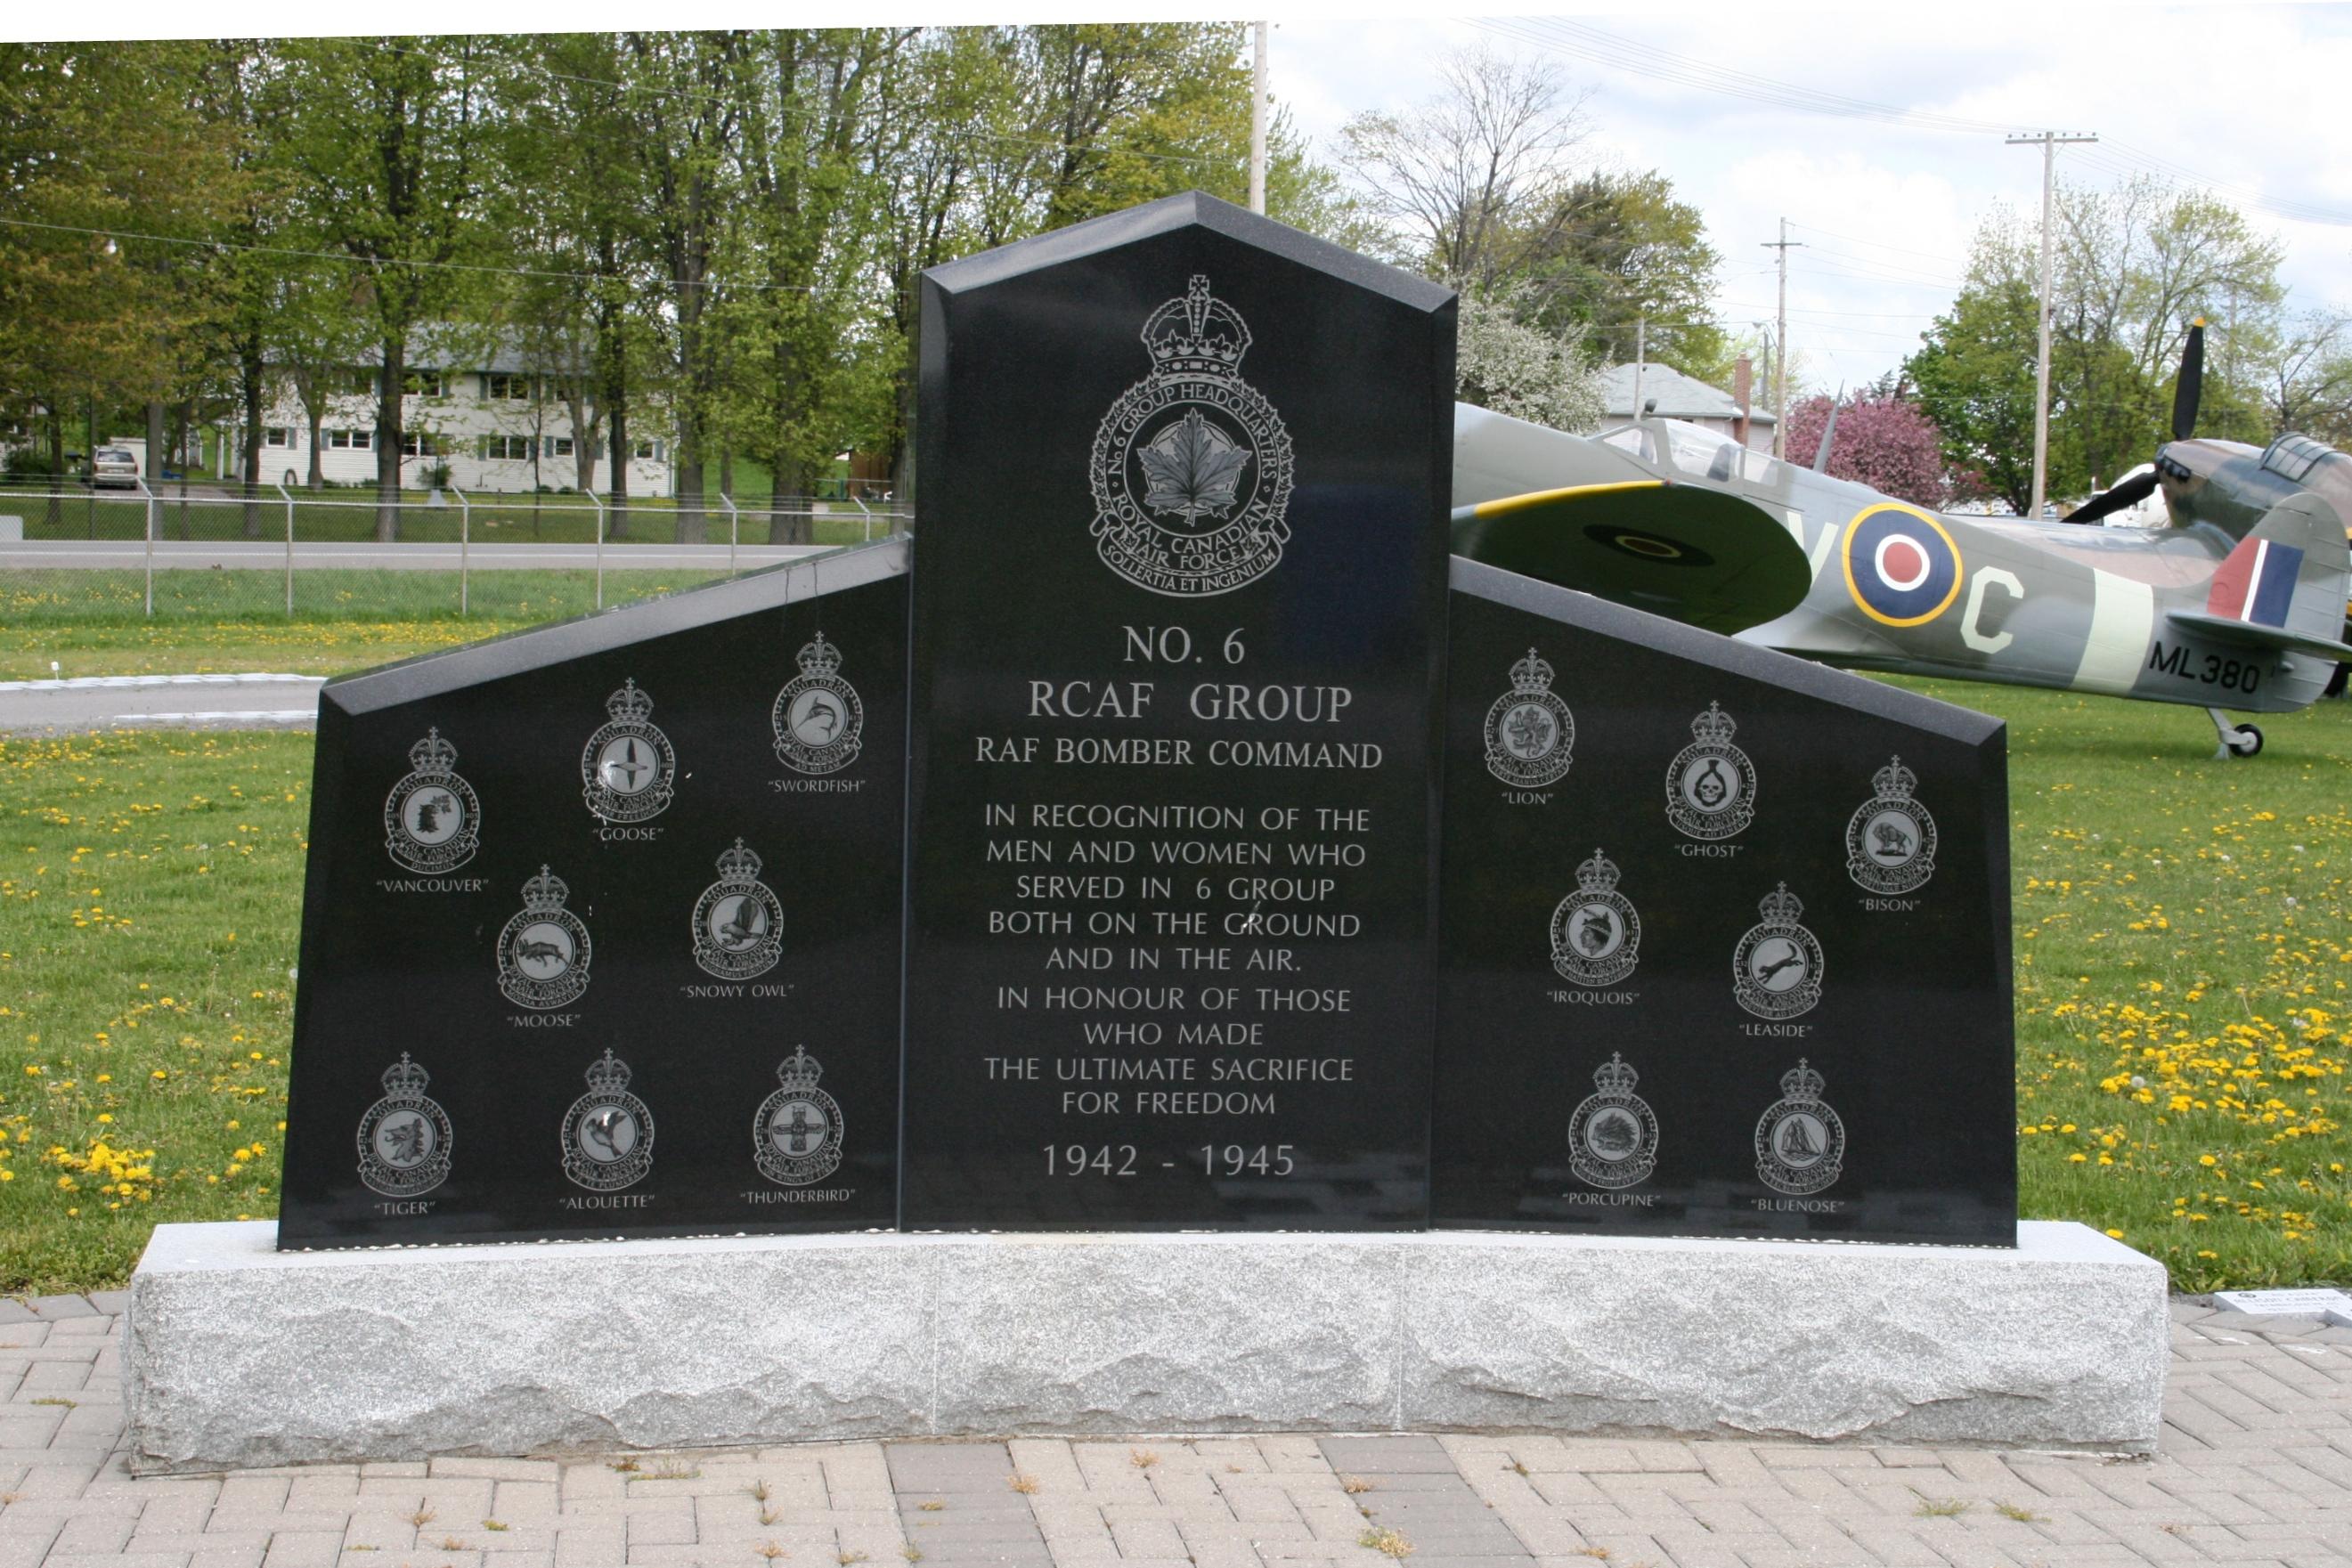 6 RCAF Group